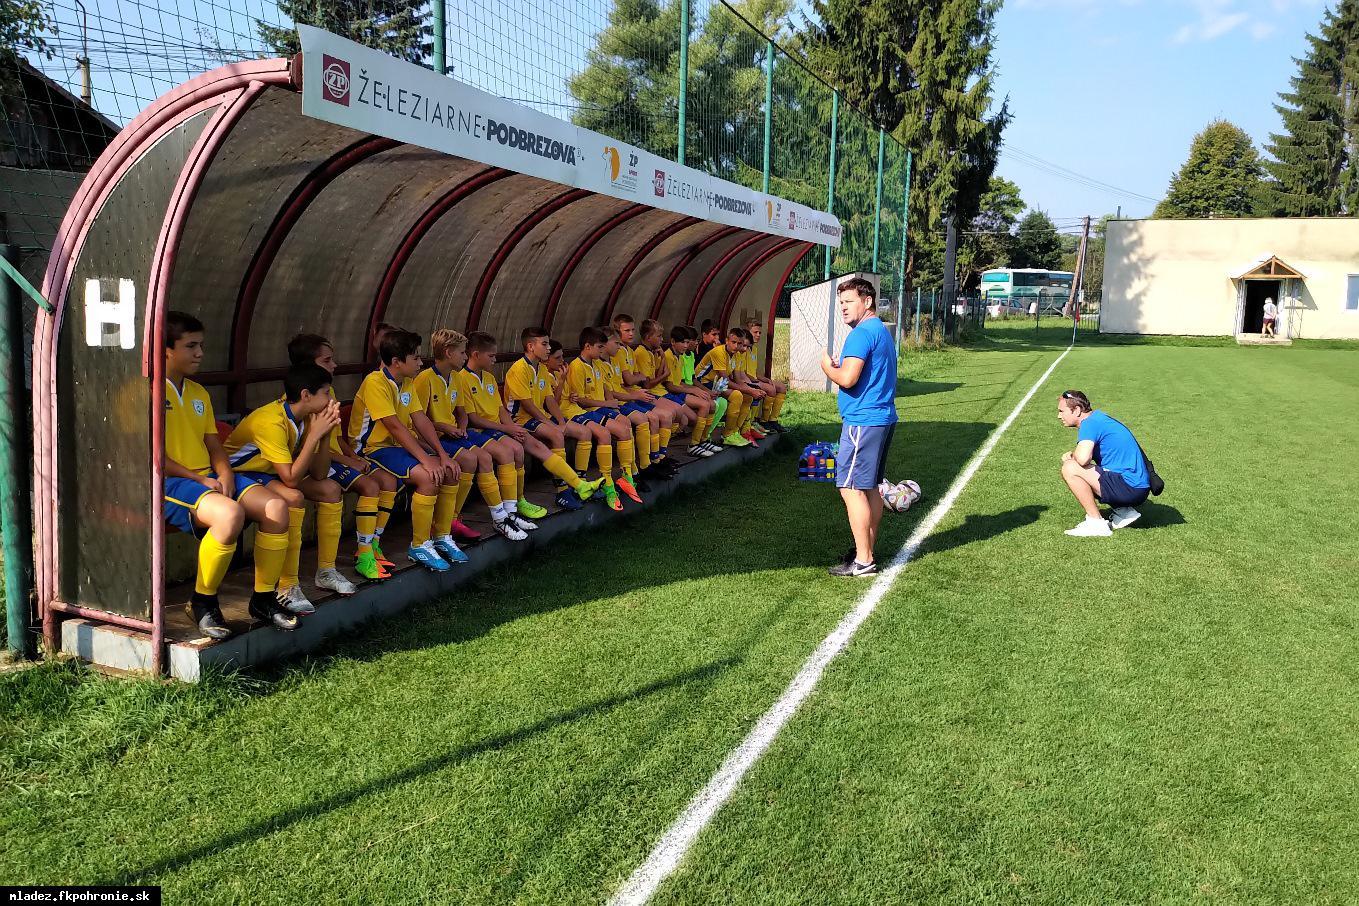 obr: U13: 2. kolo I.LMŽ FK Železiarne Podbrezová 1.9.2019